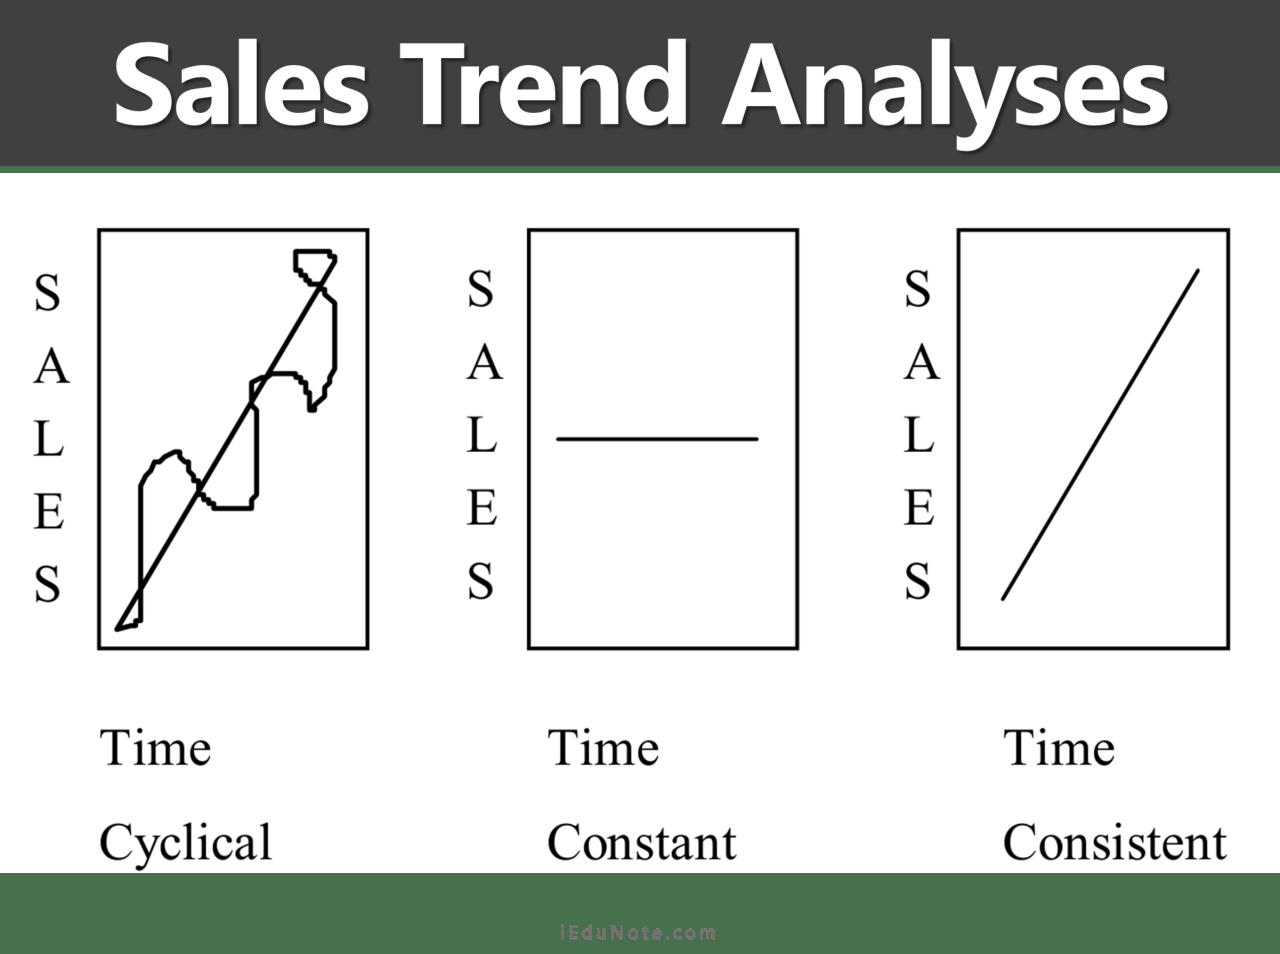 sales trend analyses